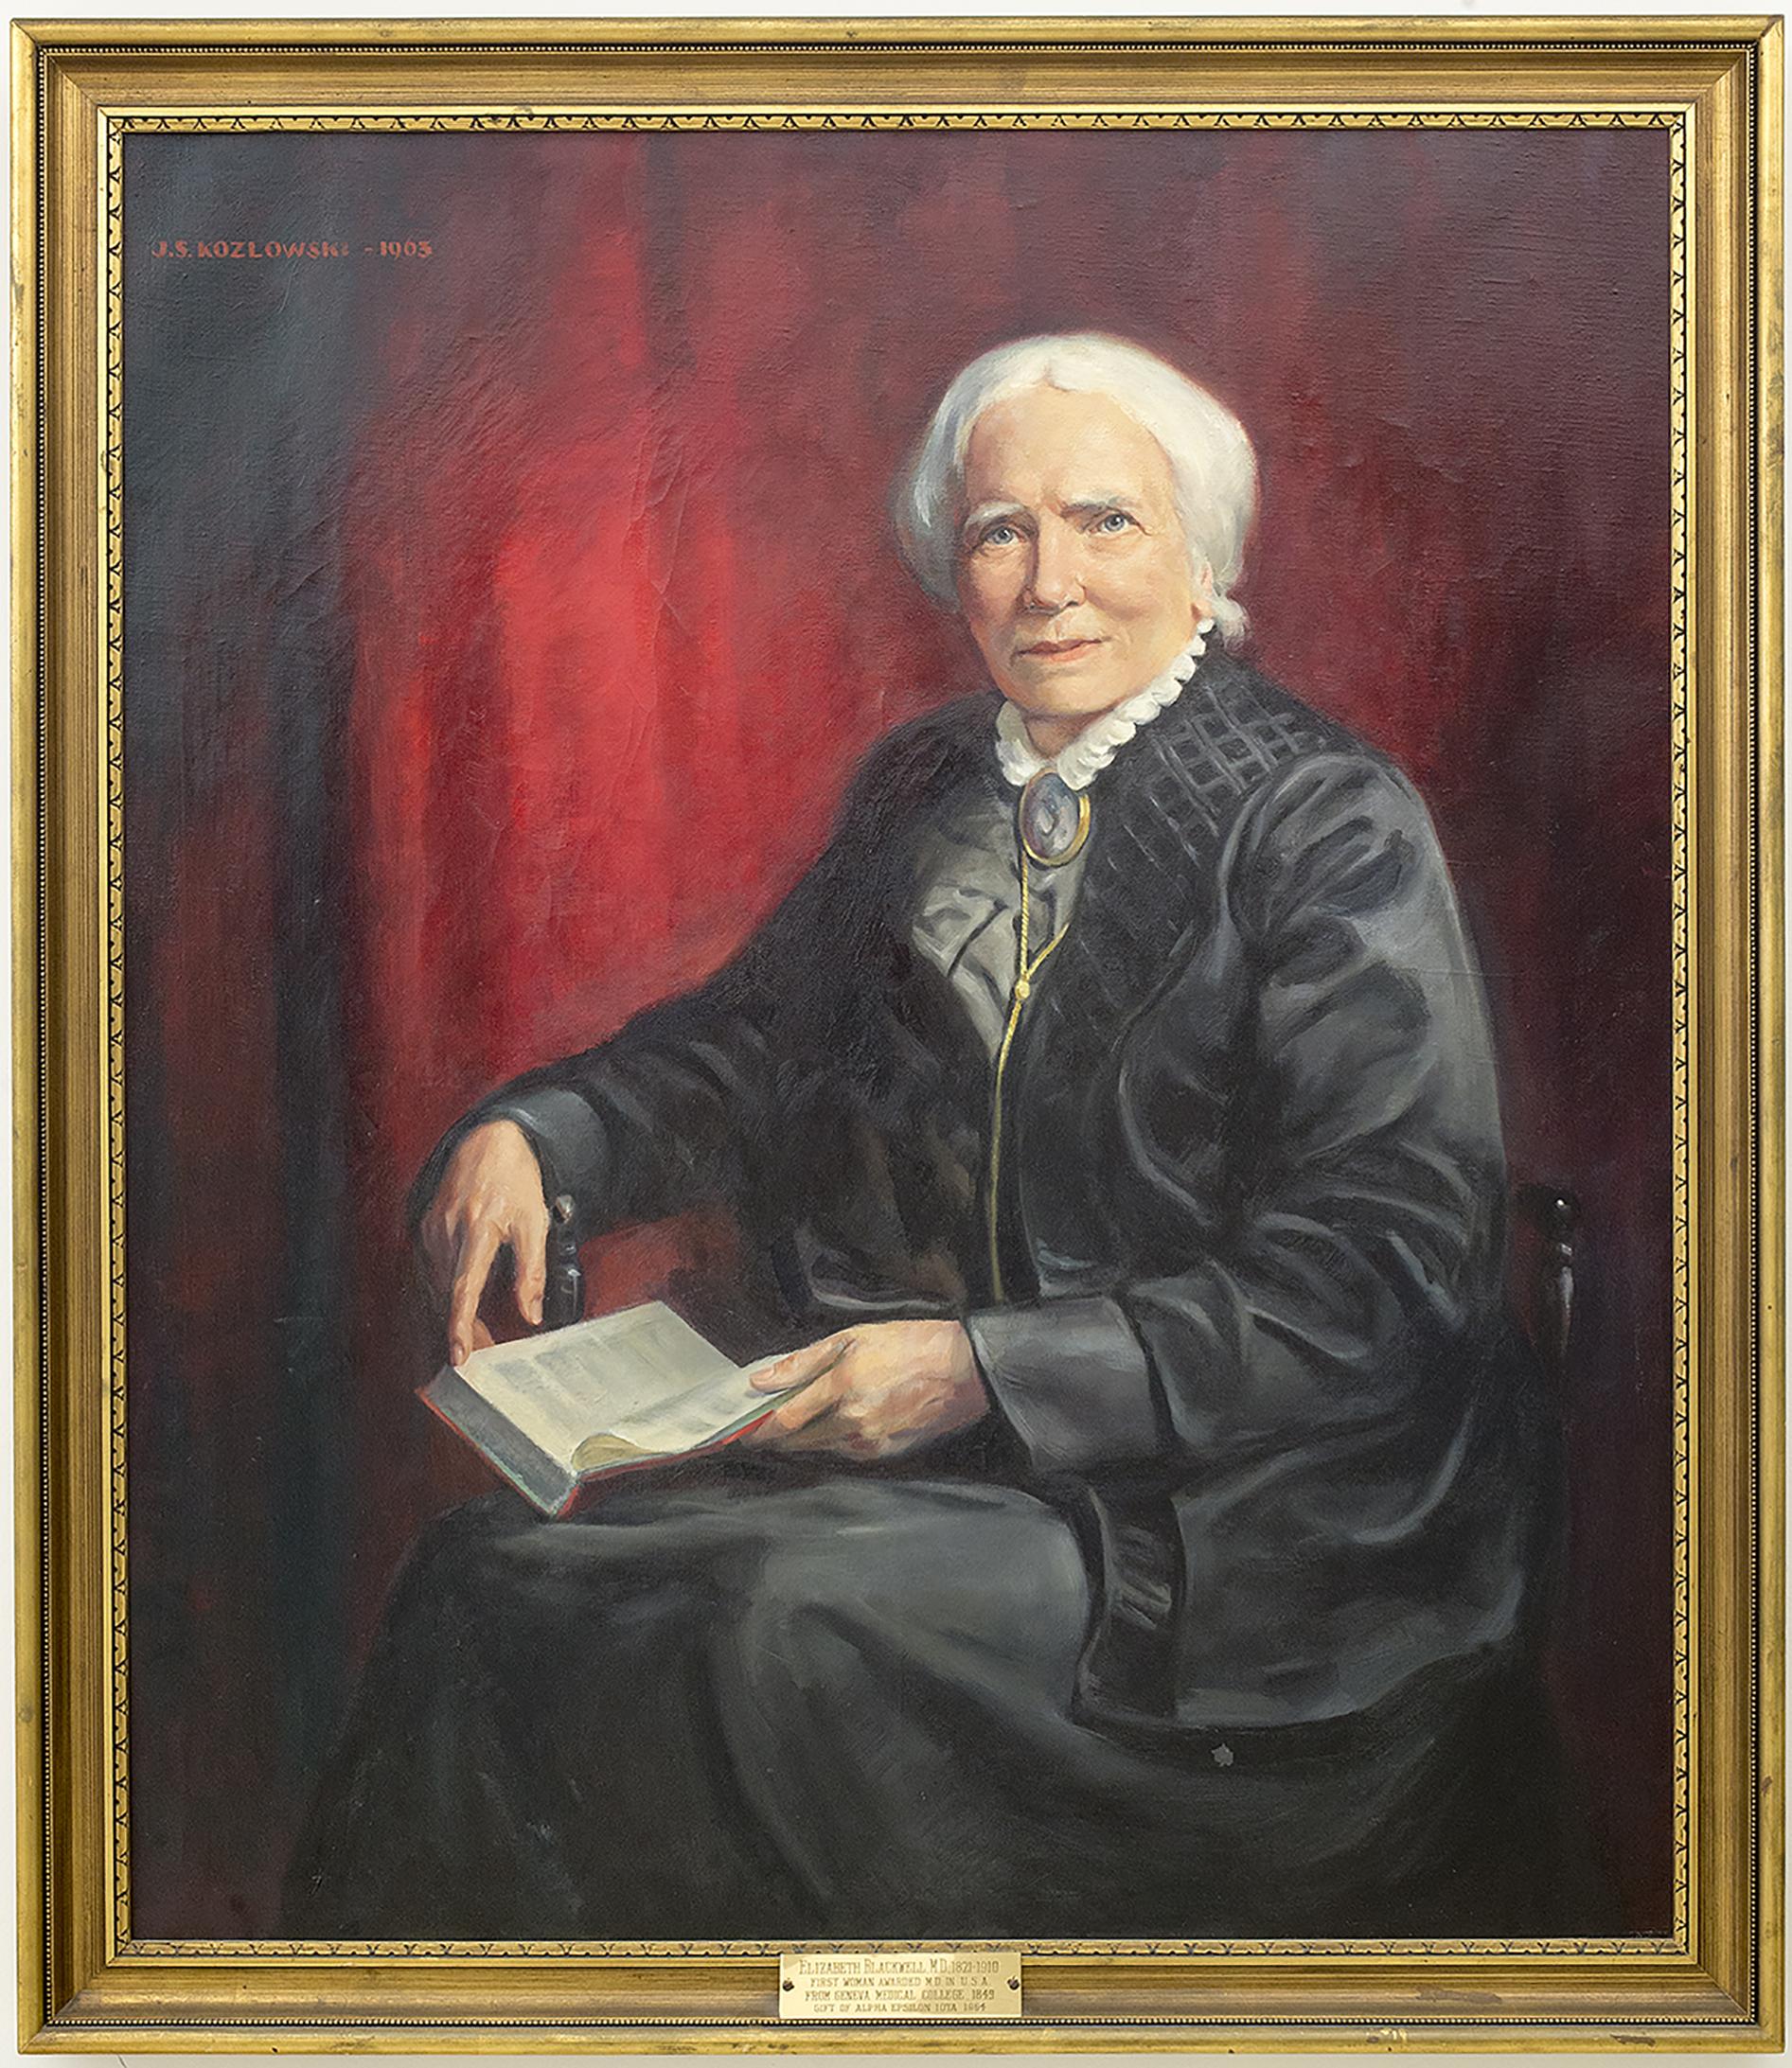 portrait of Elizabeth Blackwell M.D. by Joseph S. Kozlowski (1965)